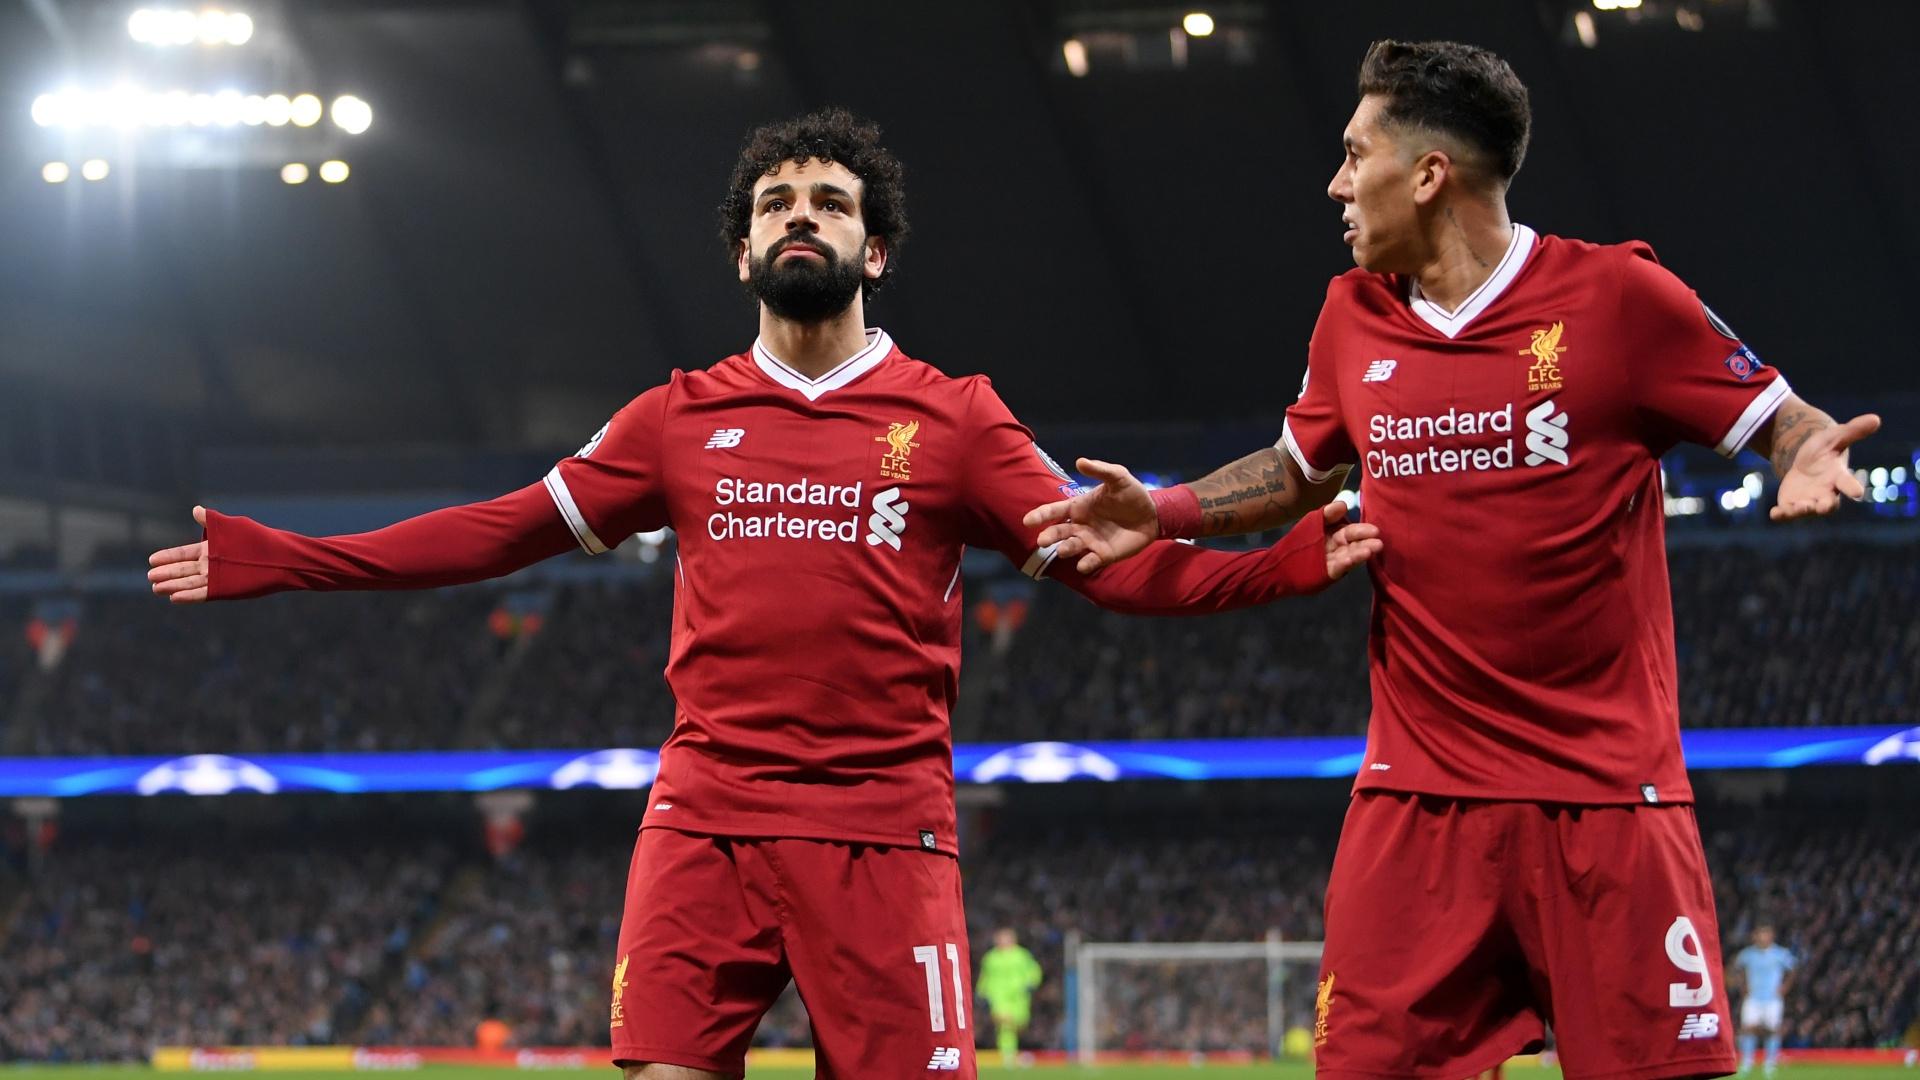 Mohamed Salah Liverpool 2017-18